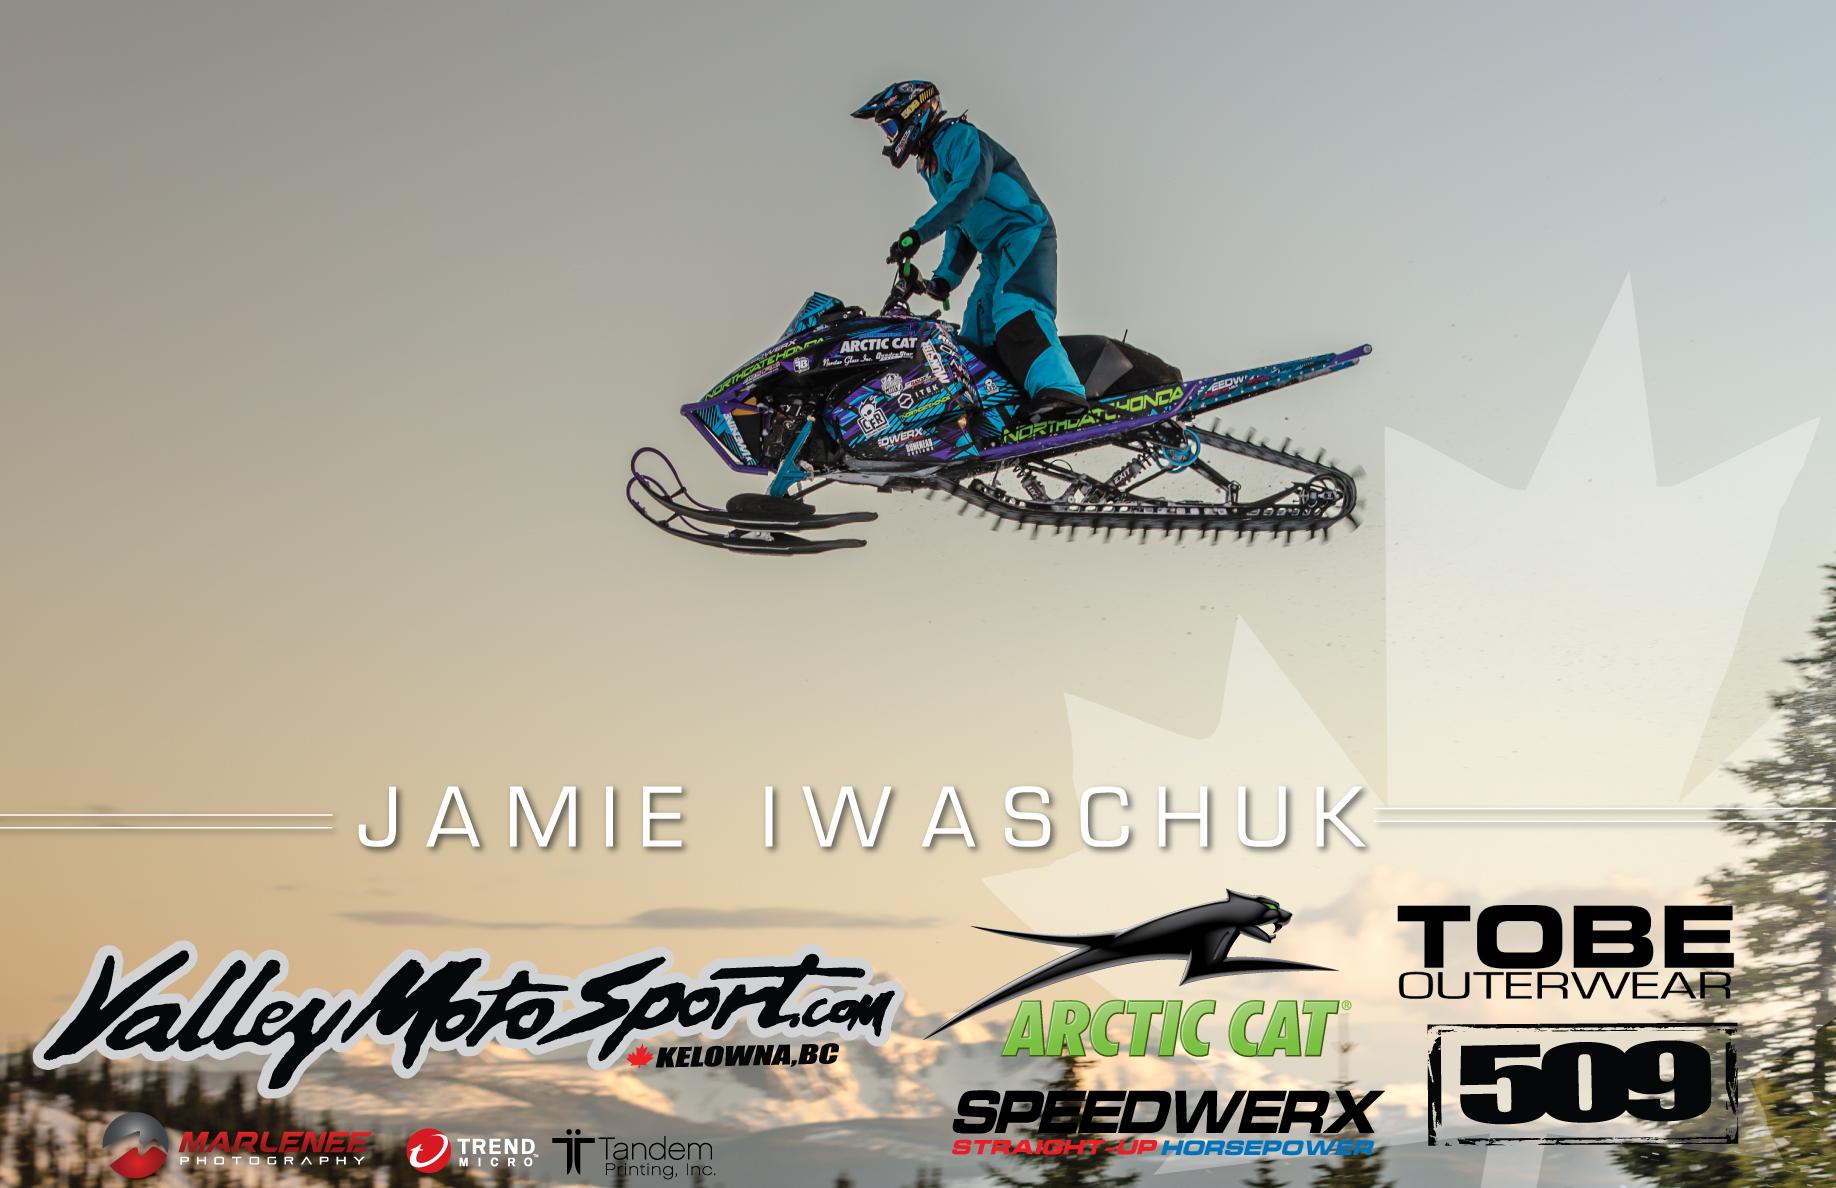 Jamie Iwaschuck 2016 Athlete Poster